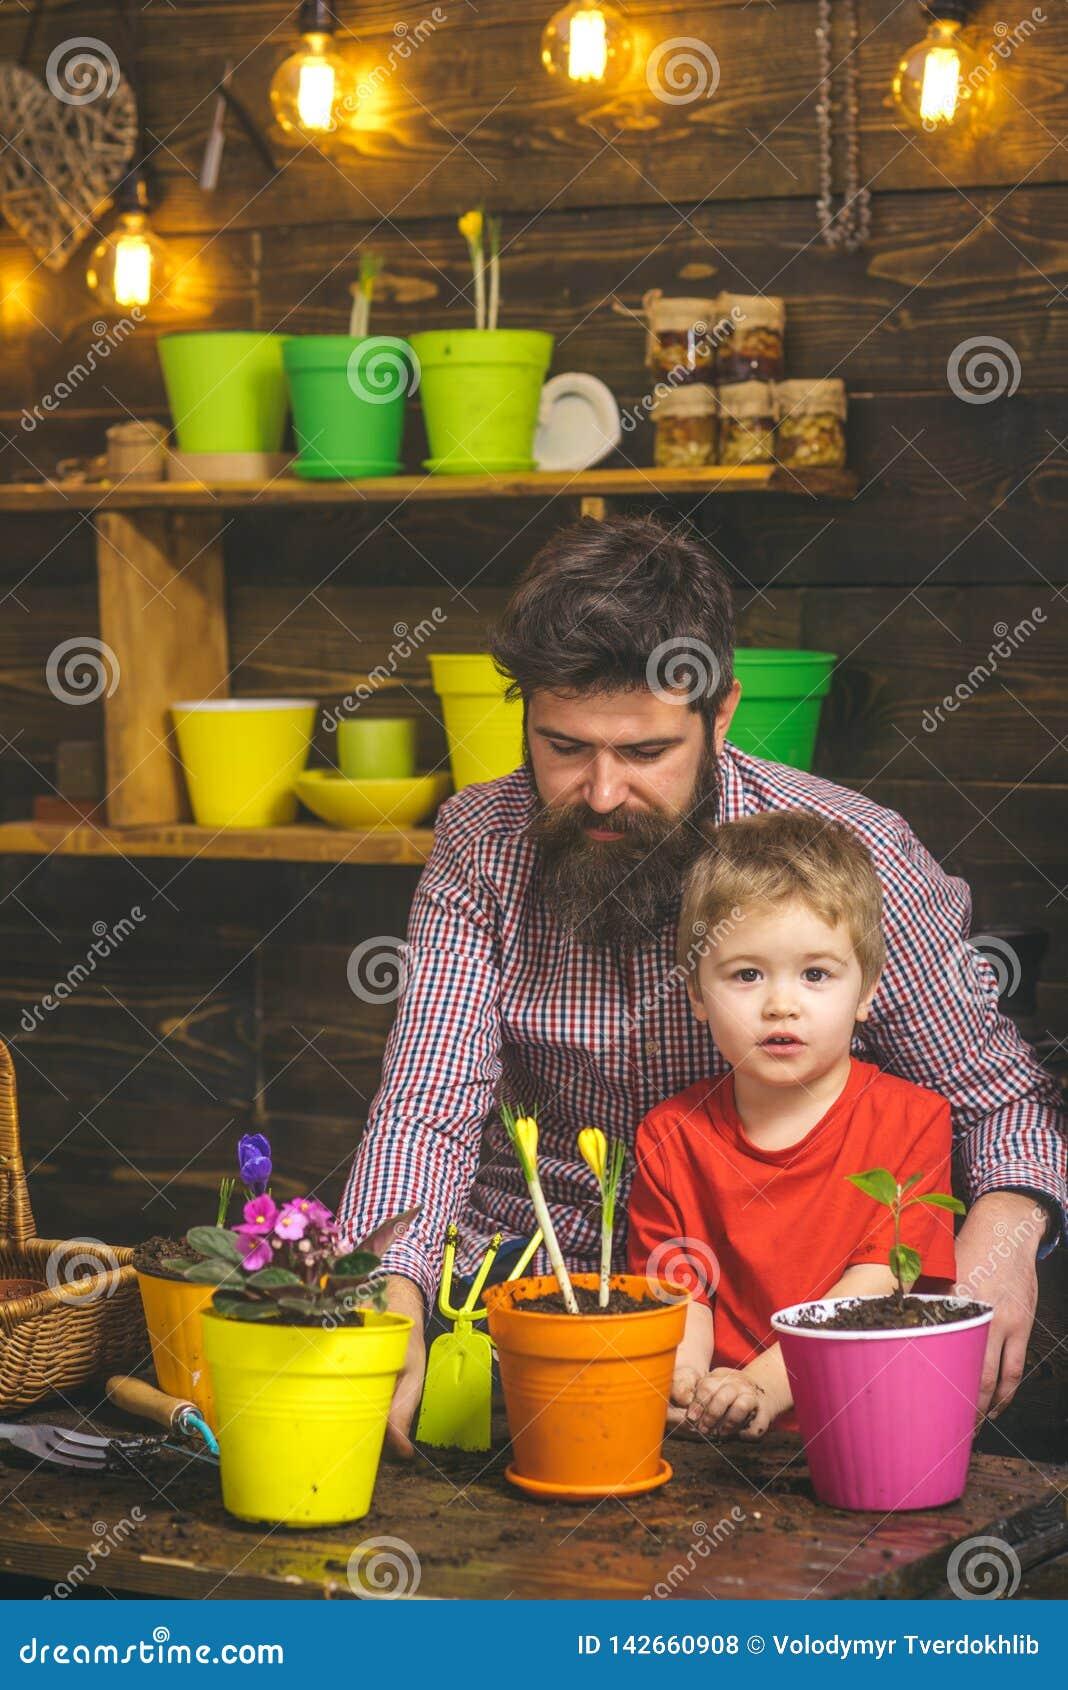 Rodzinny dzień charcica Brodata mężczyzny i chłopiec dziecka miłości natura Kwiat opieki podlewanie Glebowi użyźniacze Szczęśliwy